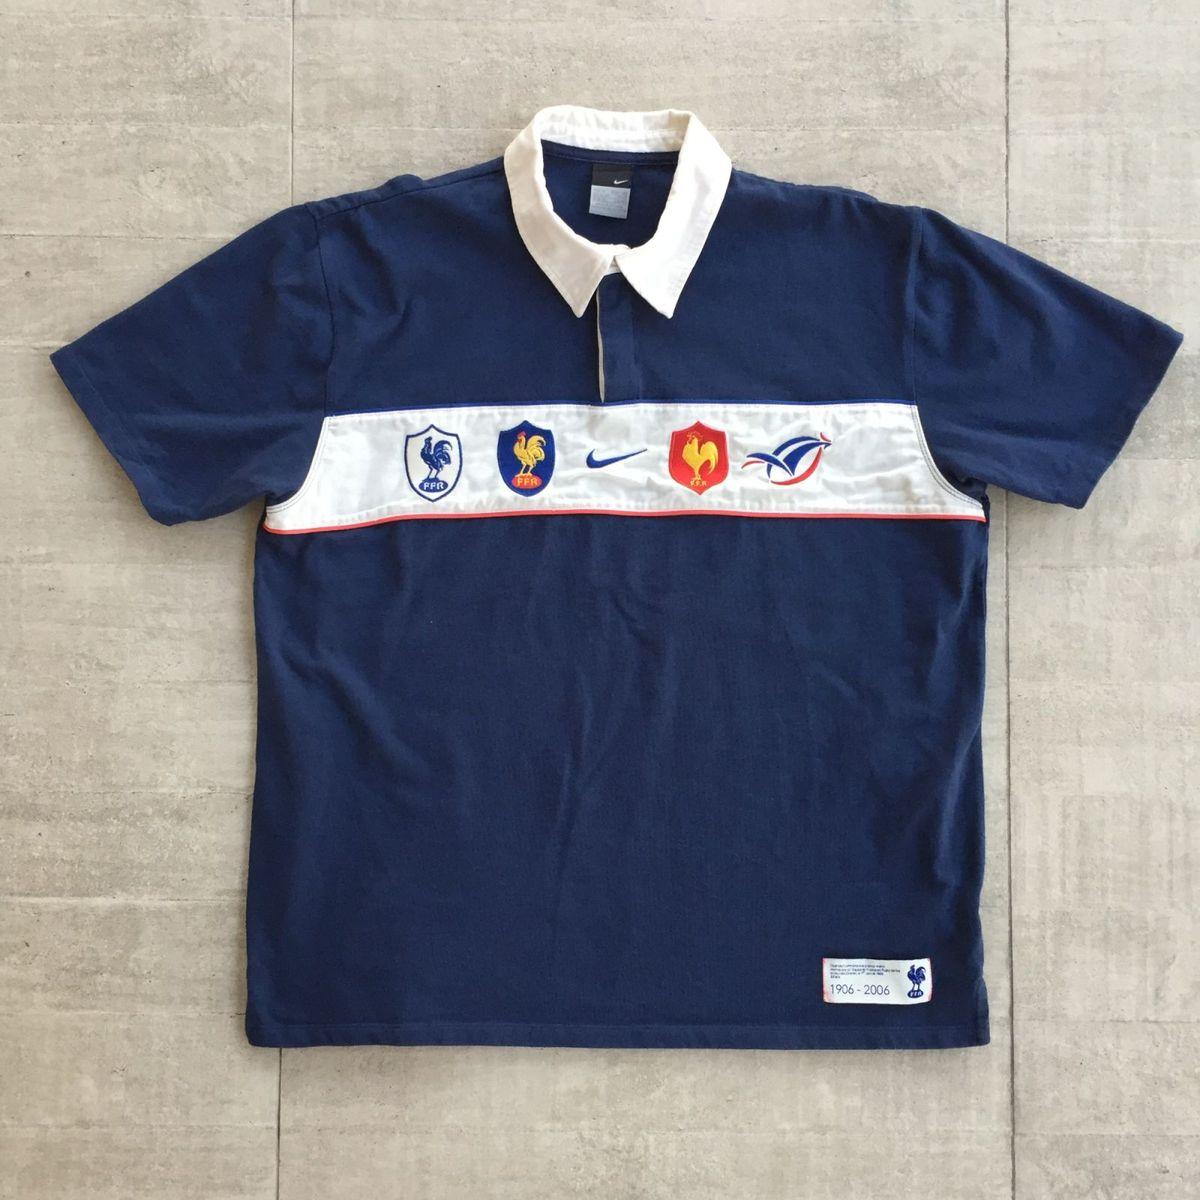 db2c1abf8e camiseta rugby seleção da frança - camisetas nike